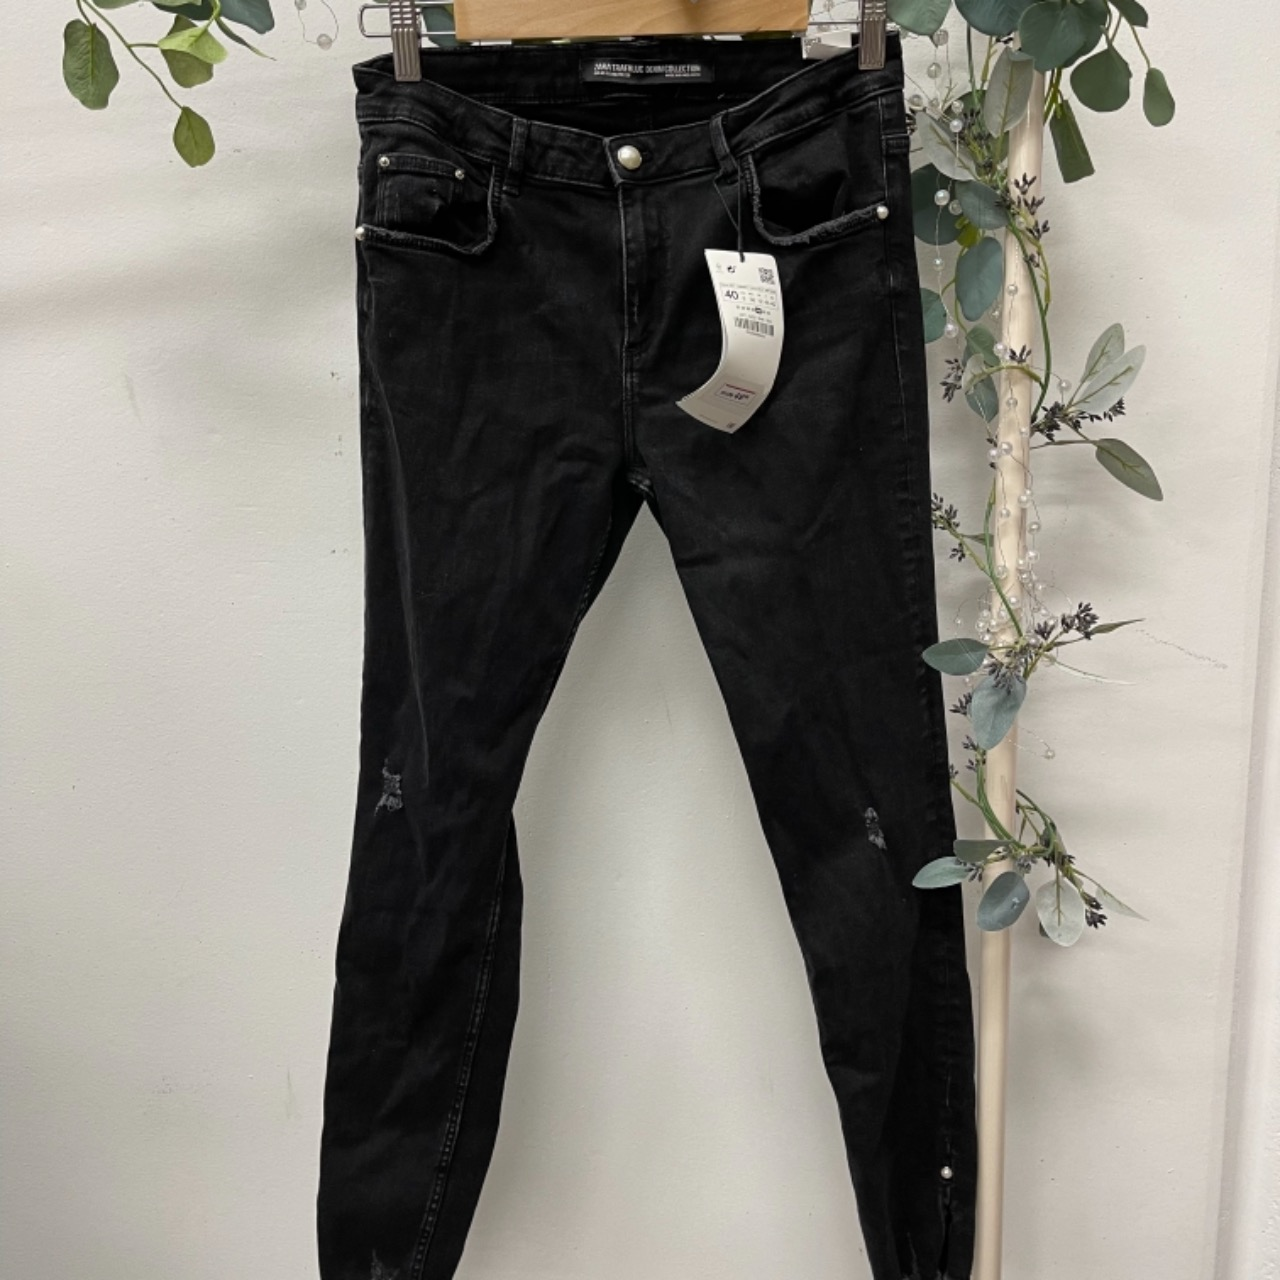 Zara Womens  Size 12 Skinny Jeans Black